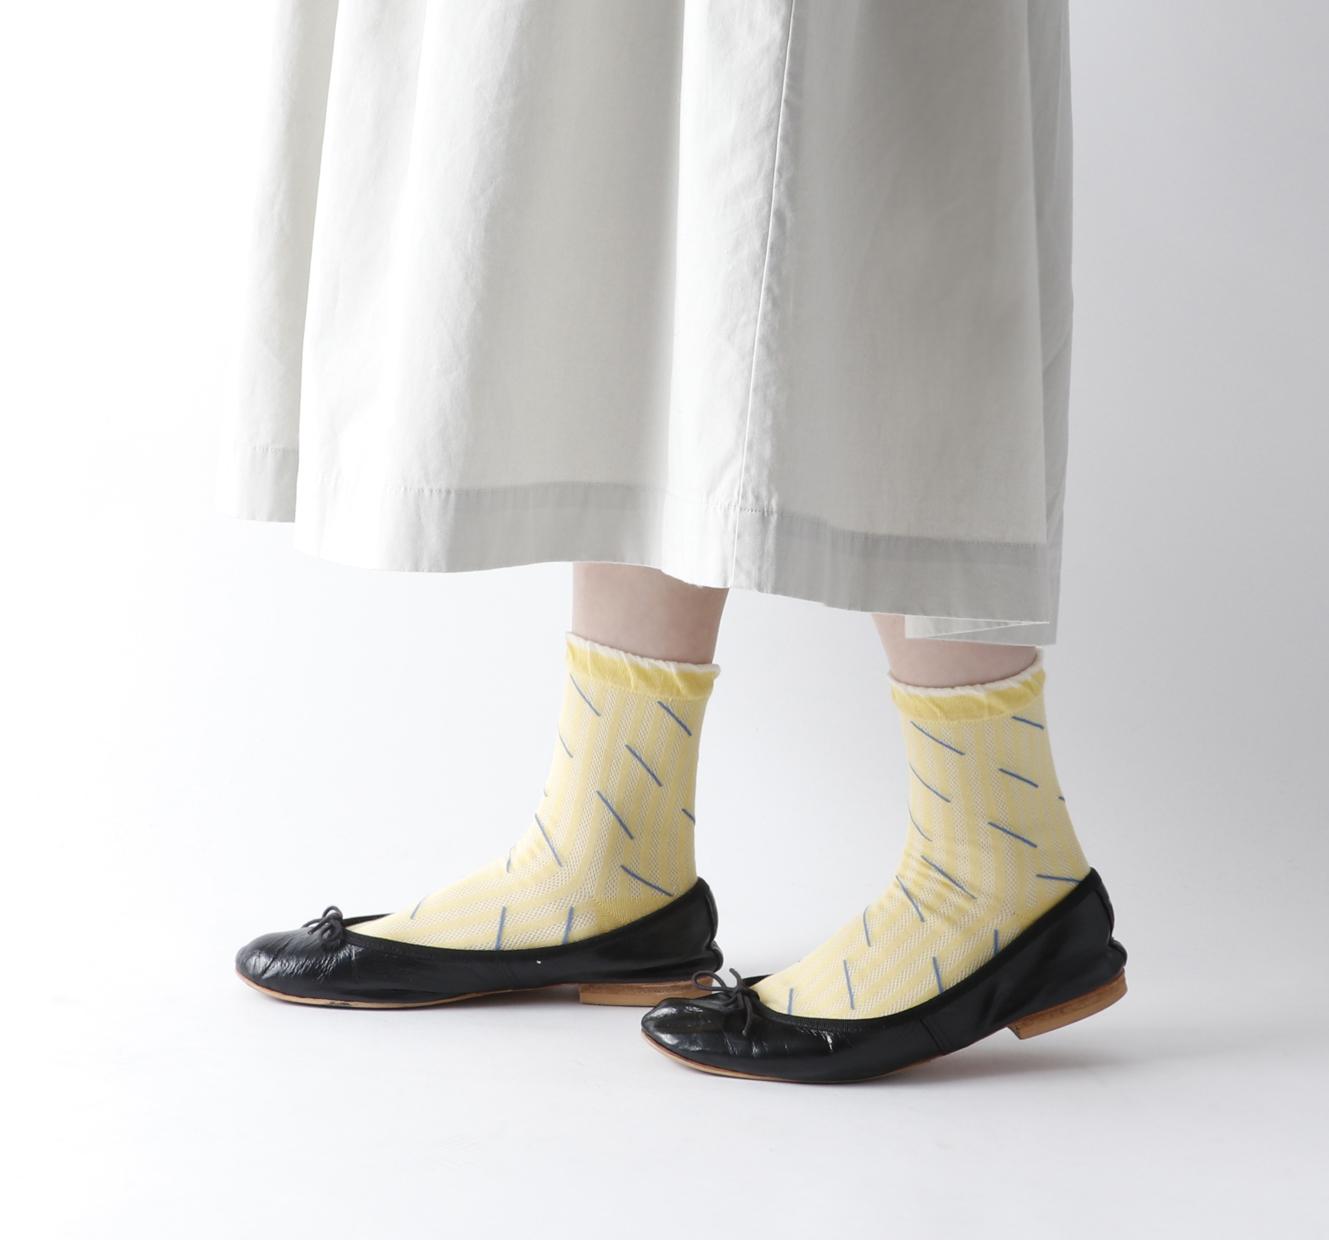 透かし柄の靴下で涼しげな足元に